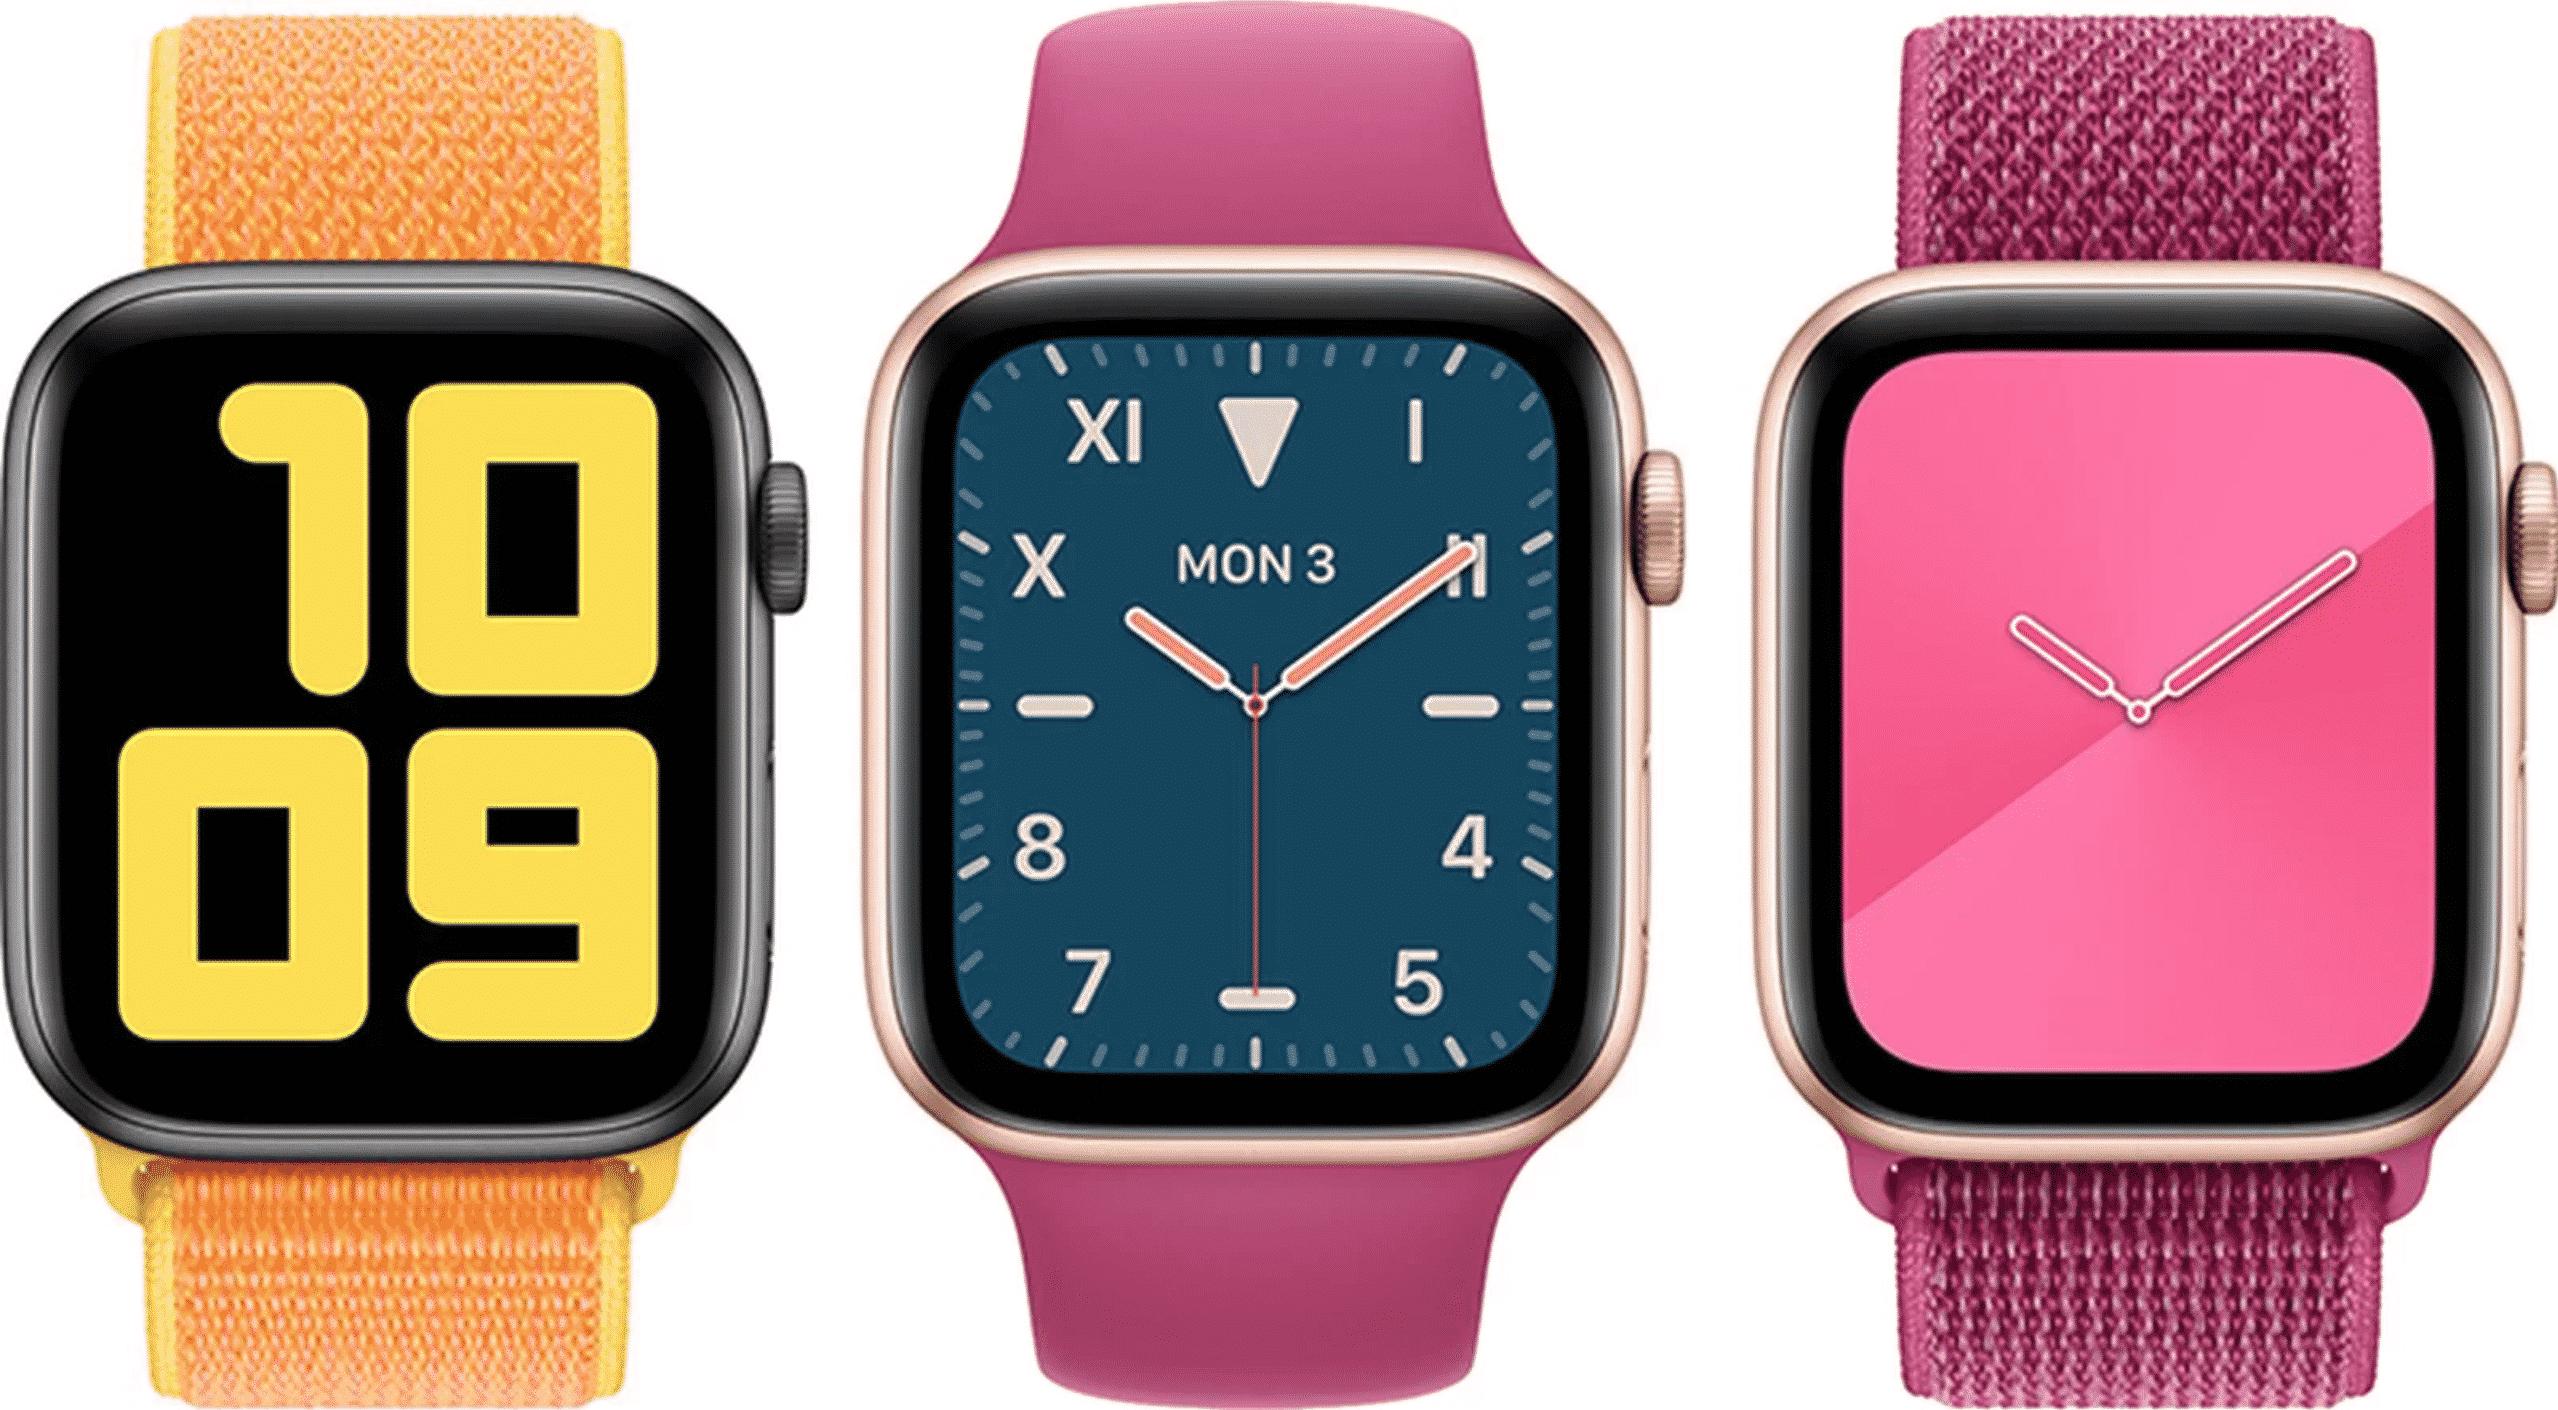 Apple Releases watchOS 6.2